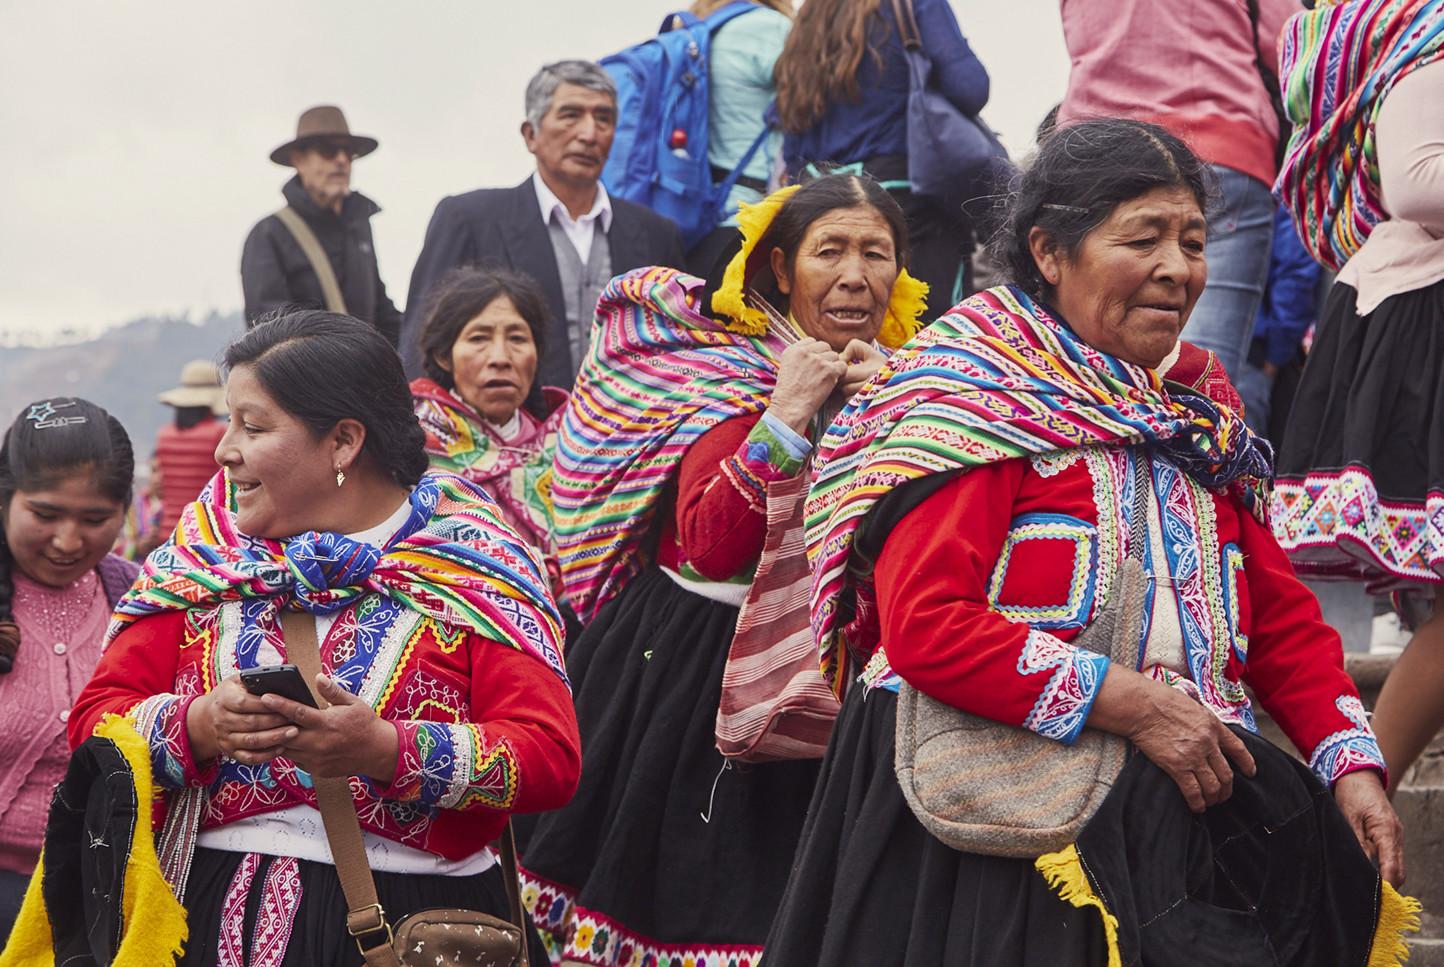 Peruanerinnen in traditioneller Kleidung in Cusco. Eine der Damen hält ein Telefon in der Hand